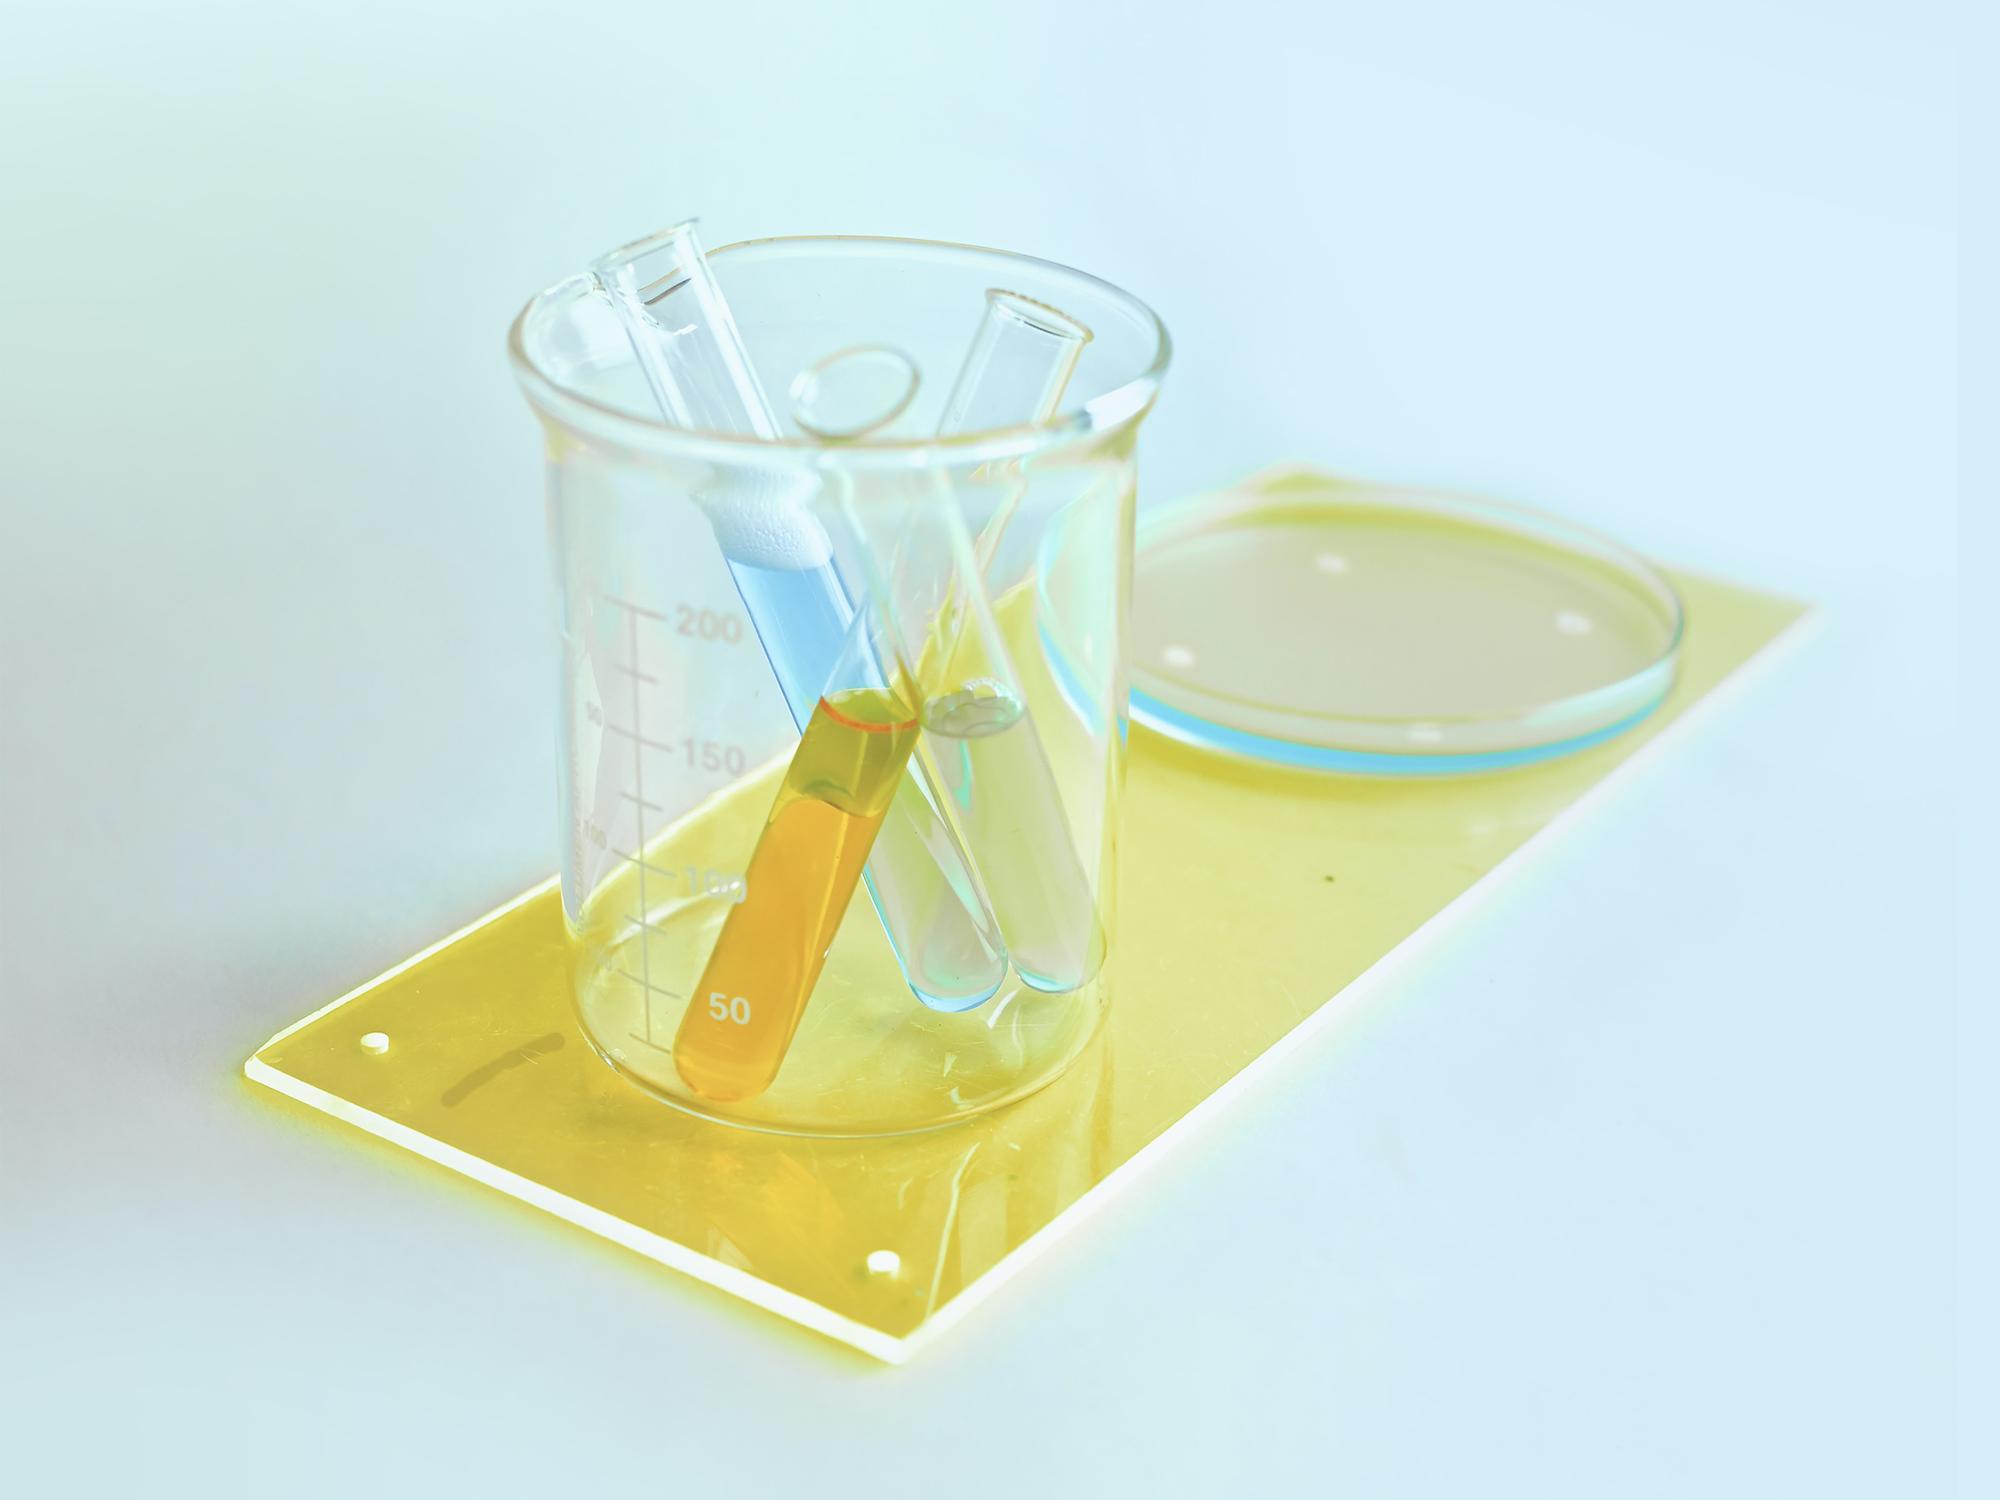 Comprendre les tests réglementaires en cosmétique